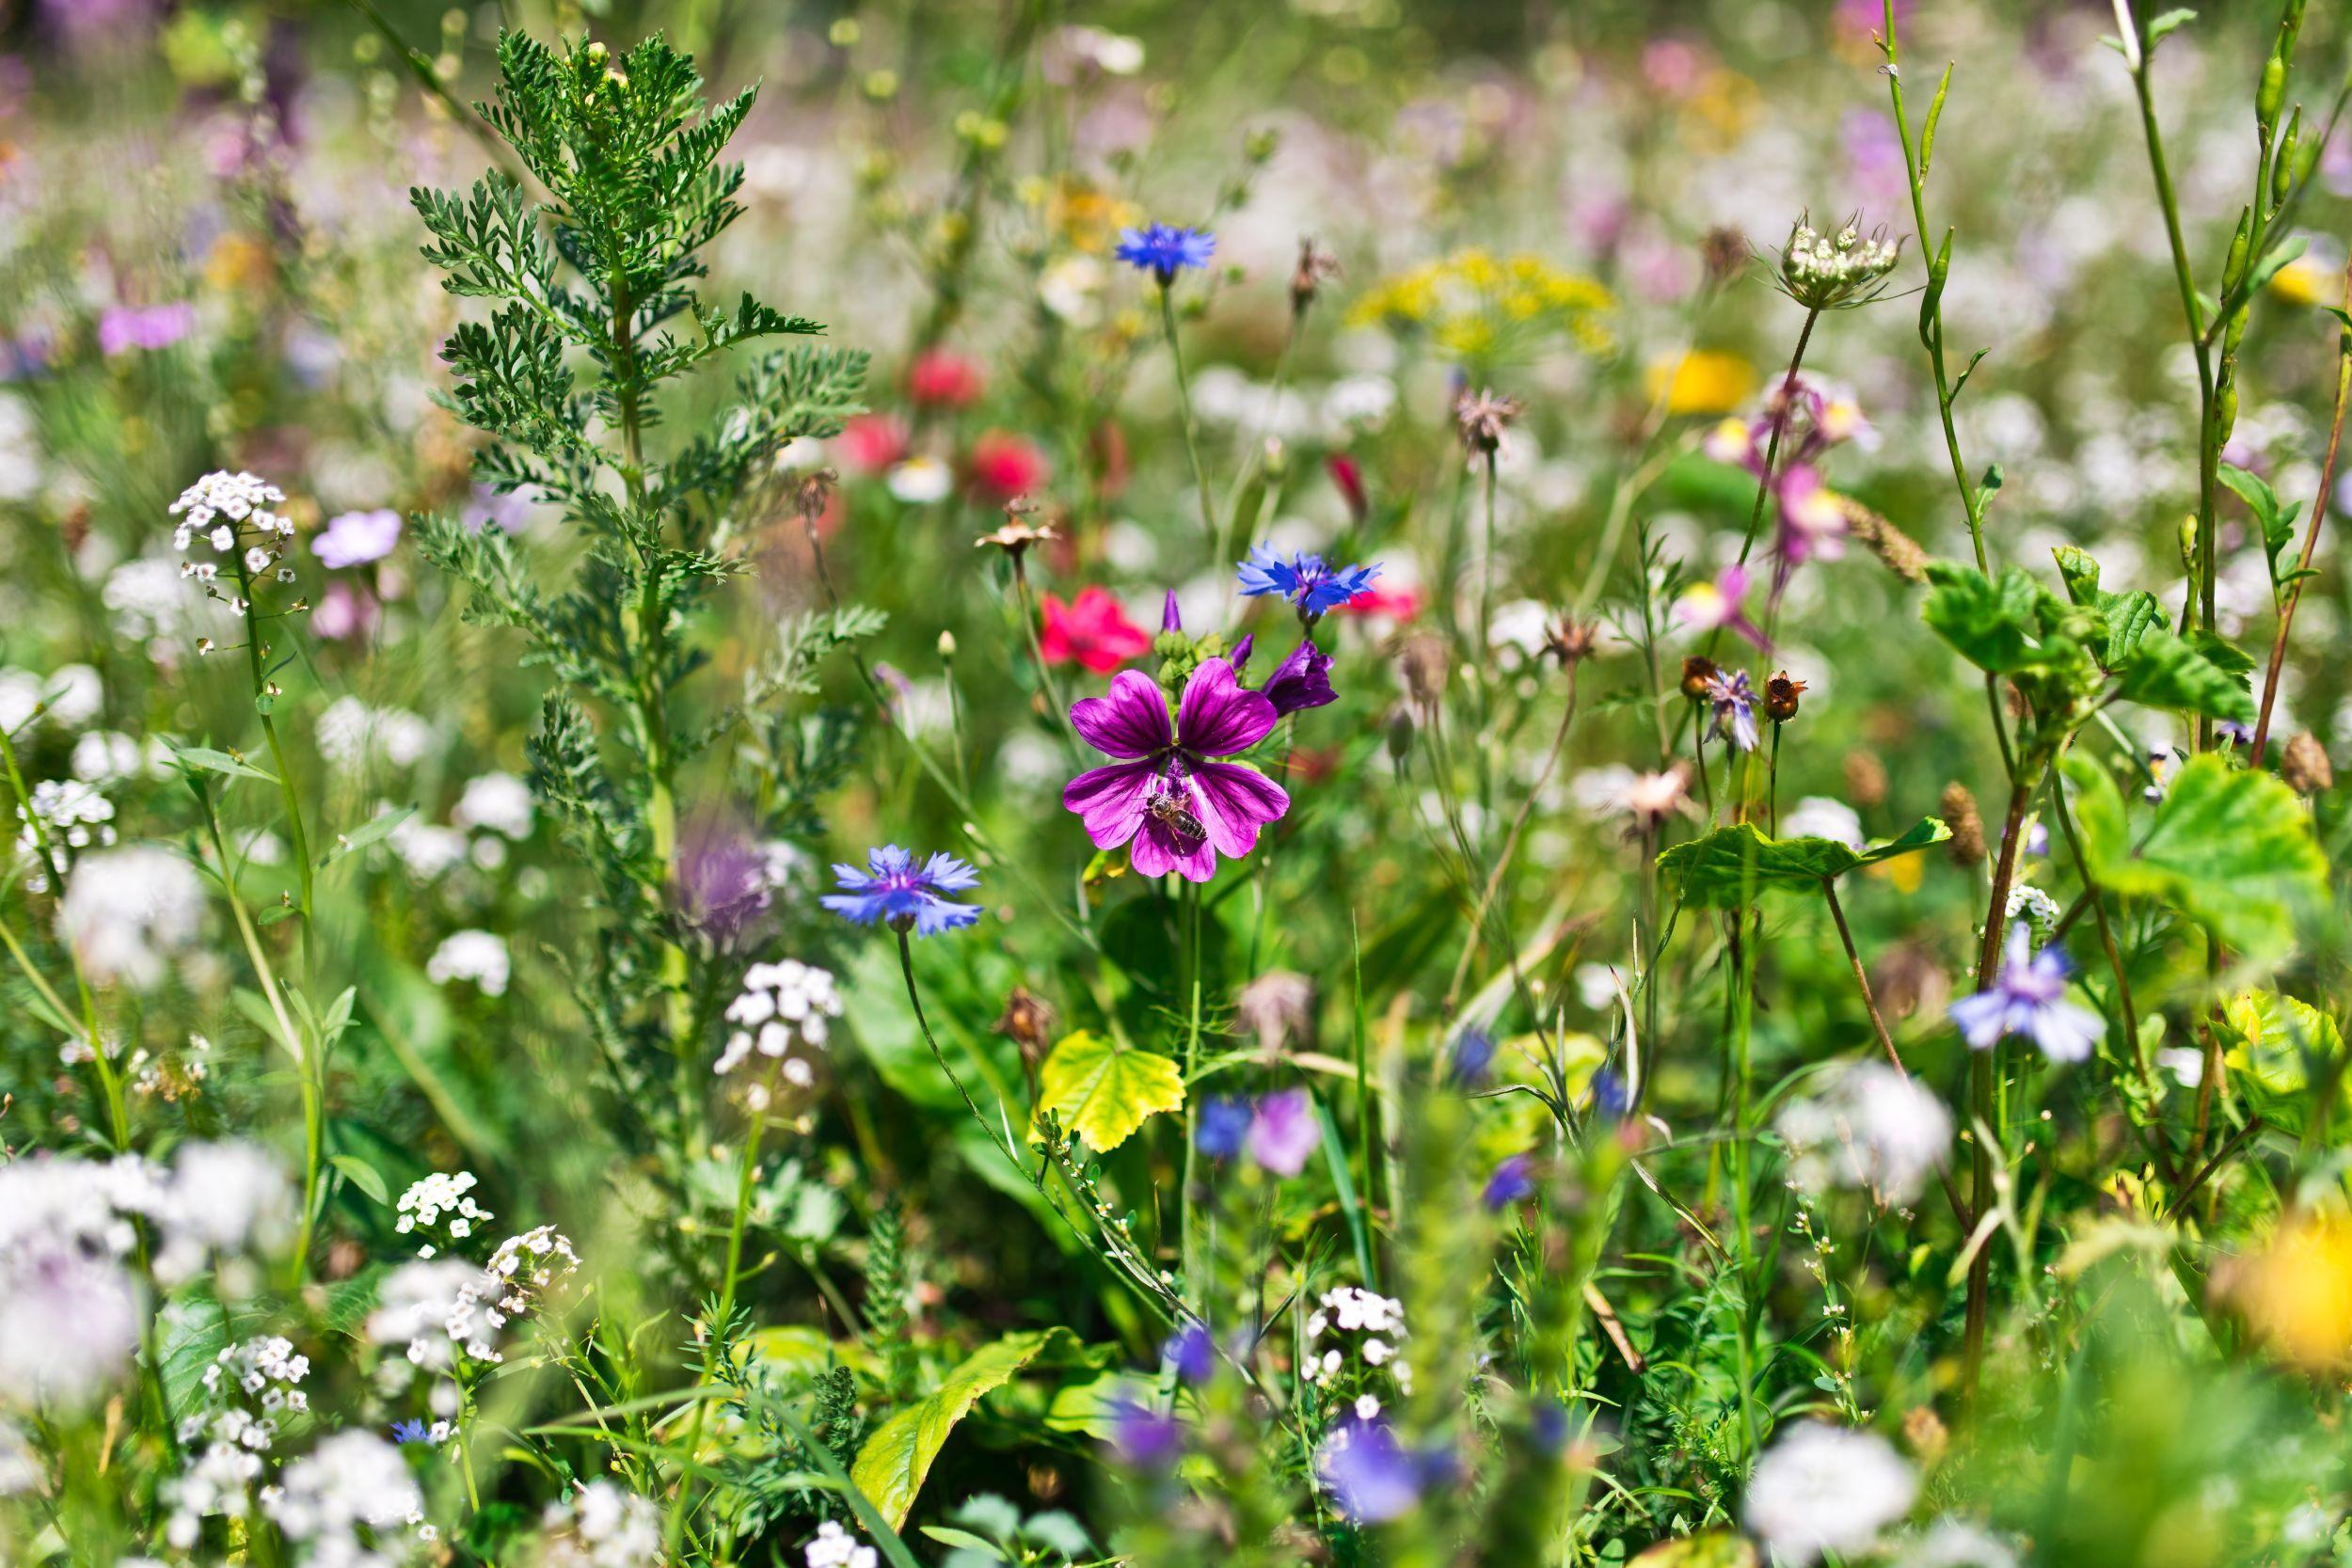 Laka W Wielkim Miescie Plants Flowers